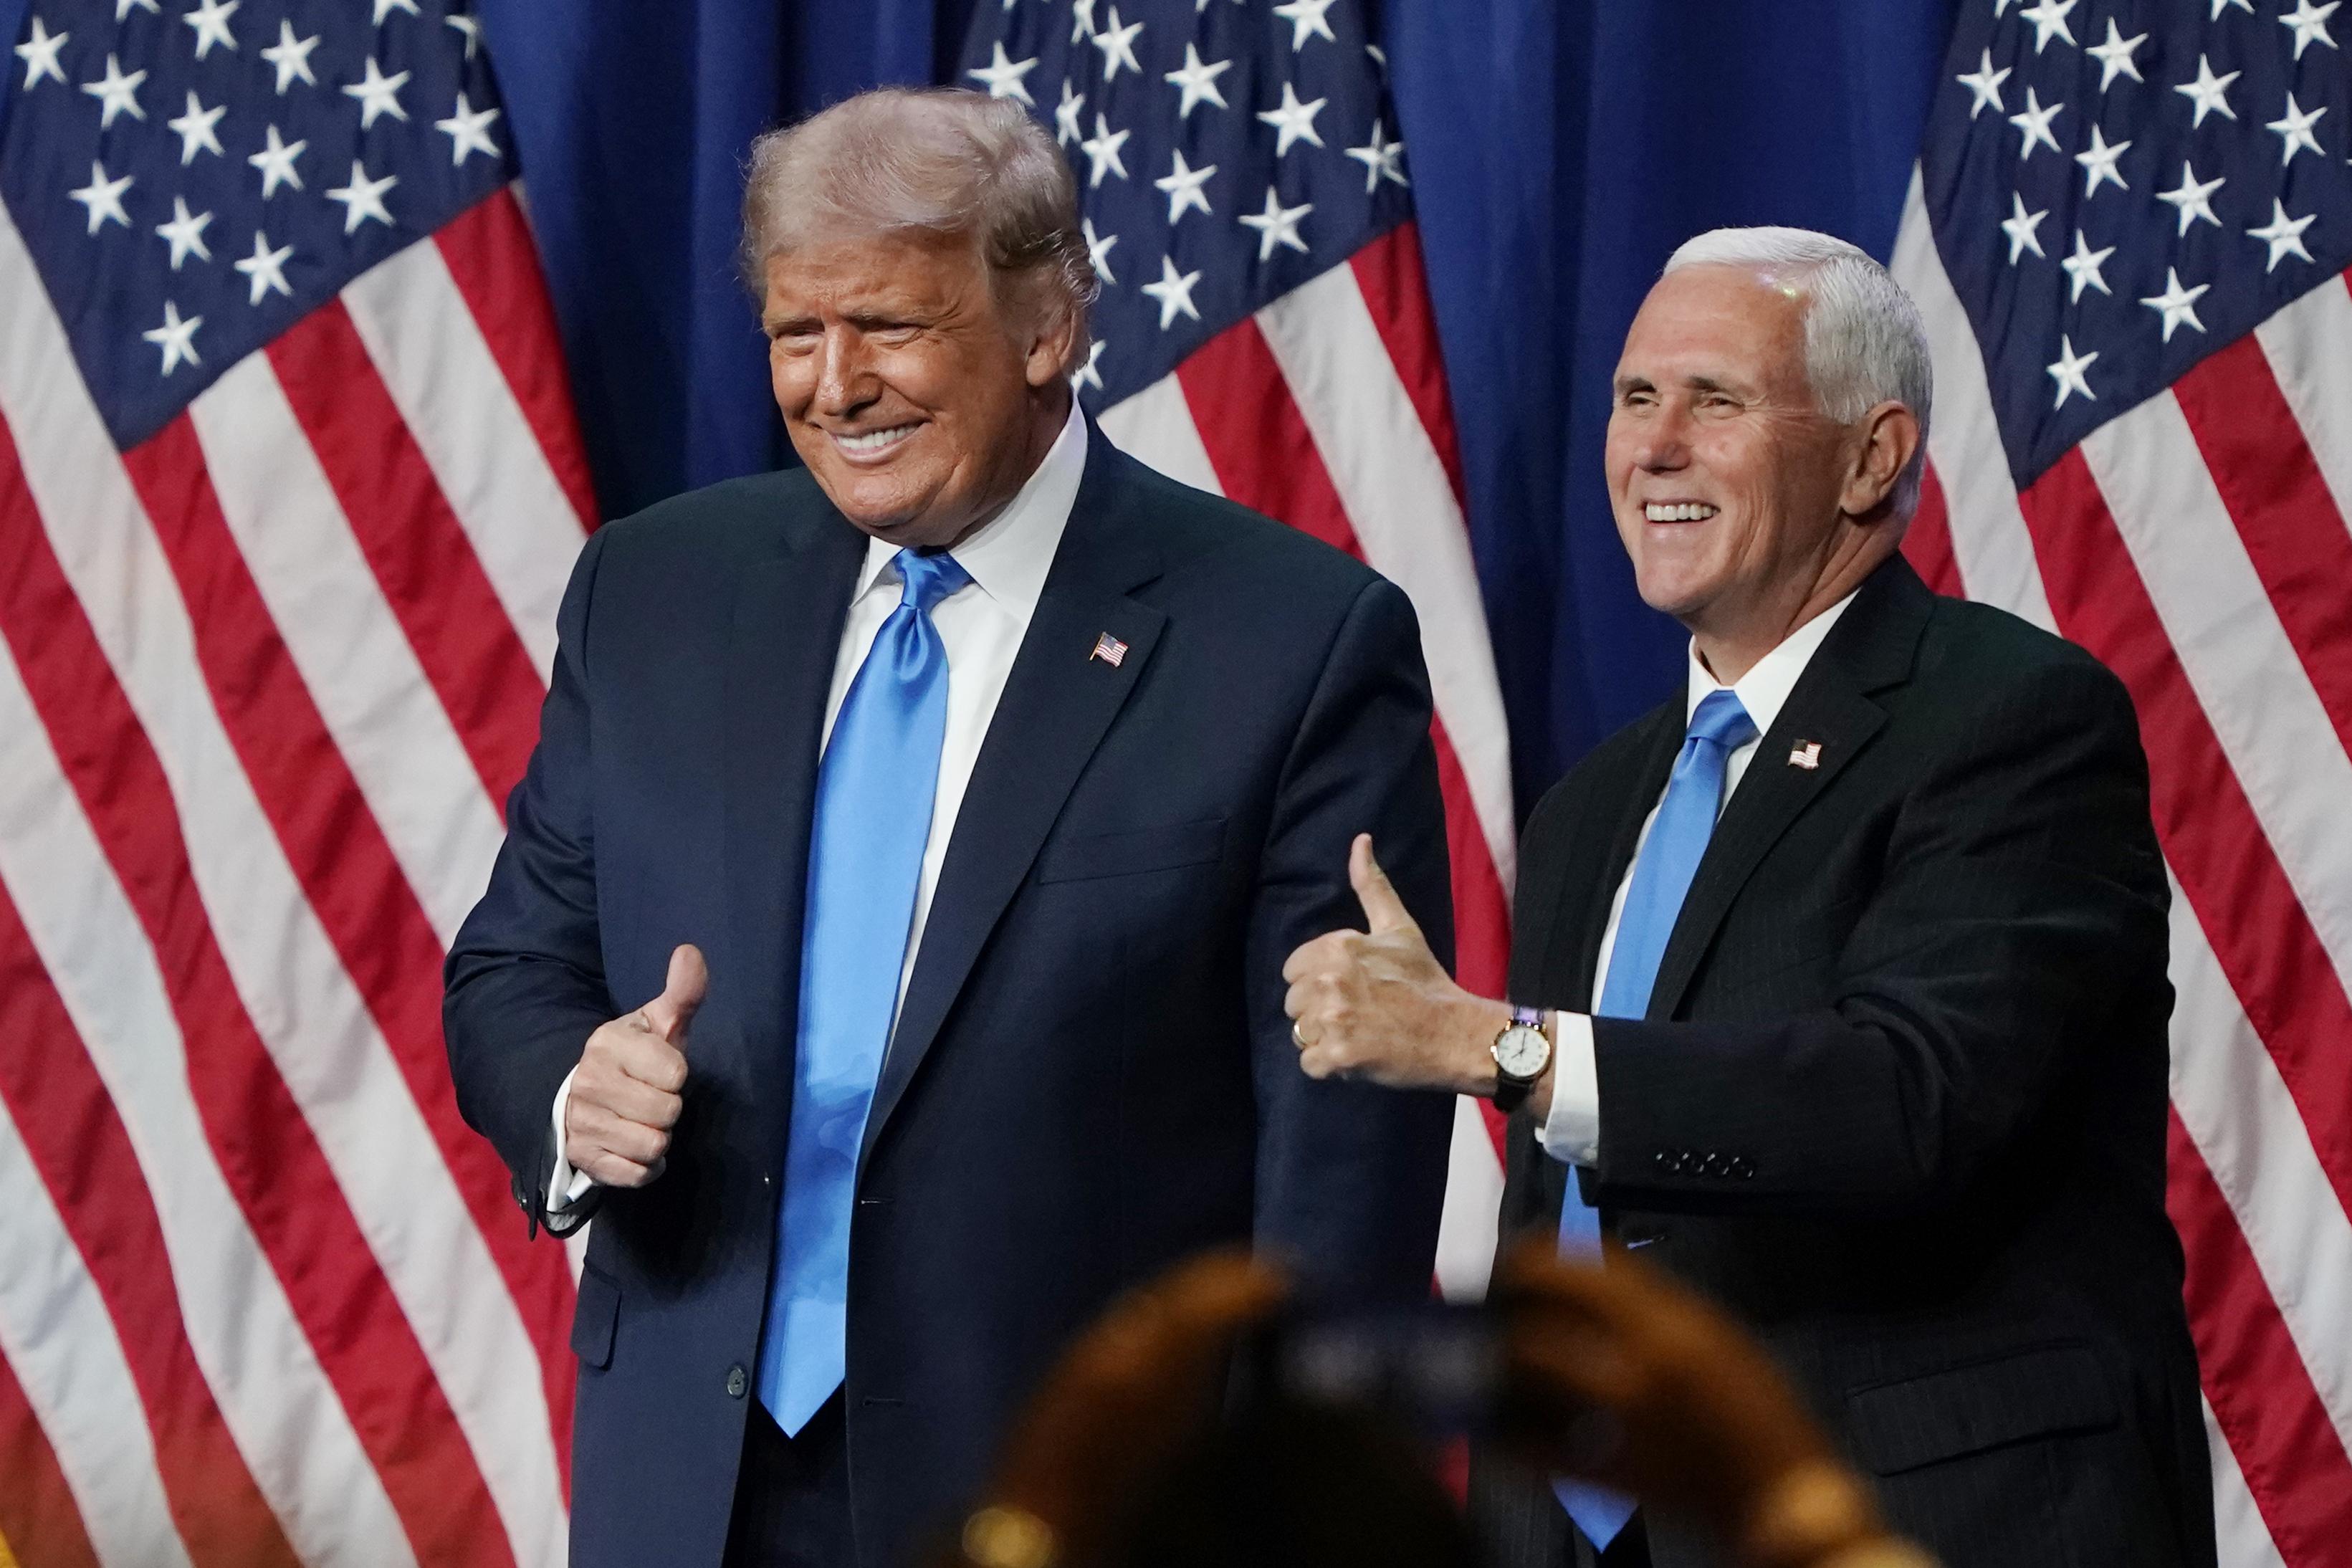 彭斯:再選特朗普 繼續重拾美國諾言